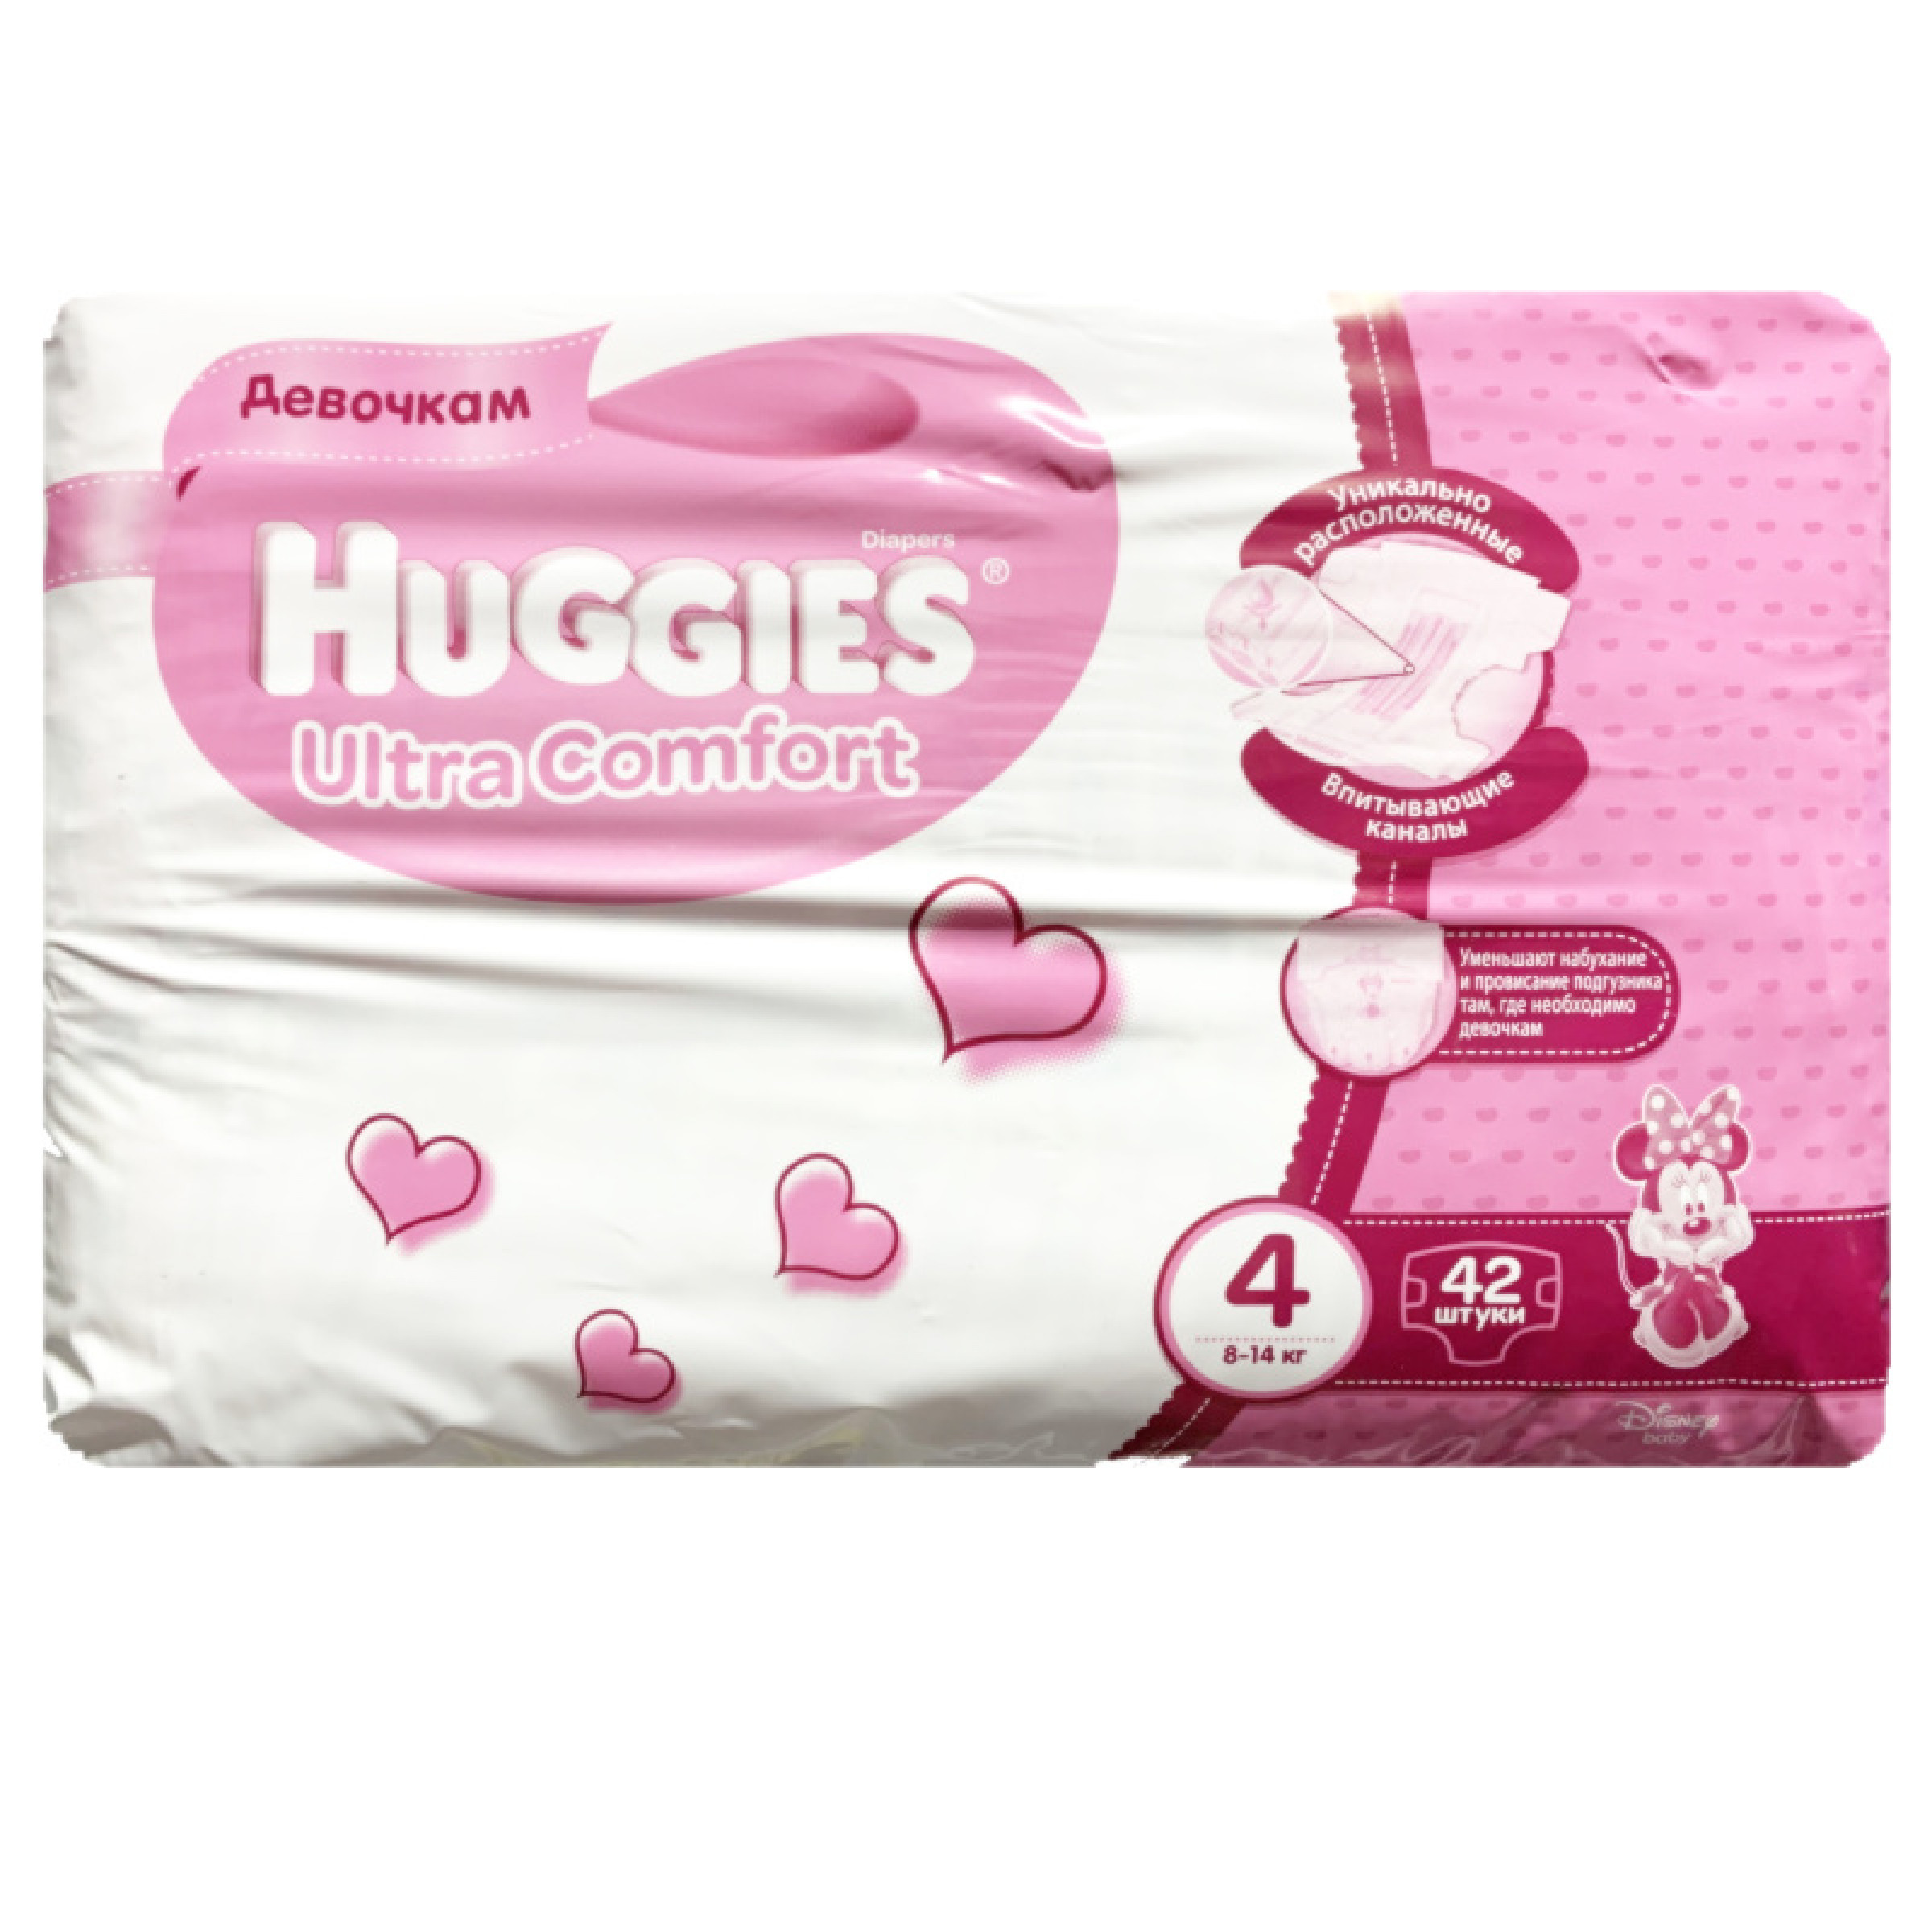 Подгузники Huggies Ultra Comfort для девочек р-р 4, 8-14 кг, 42 шт